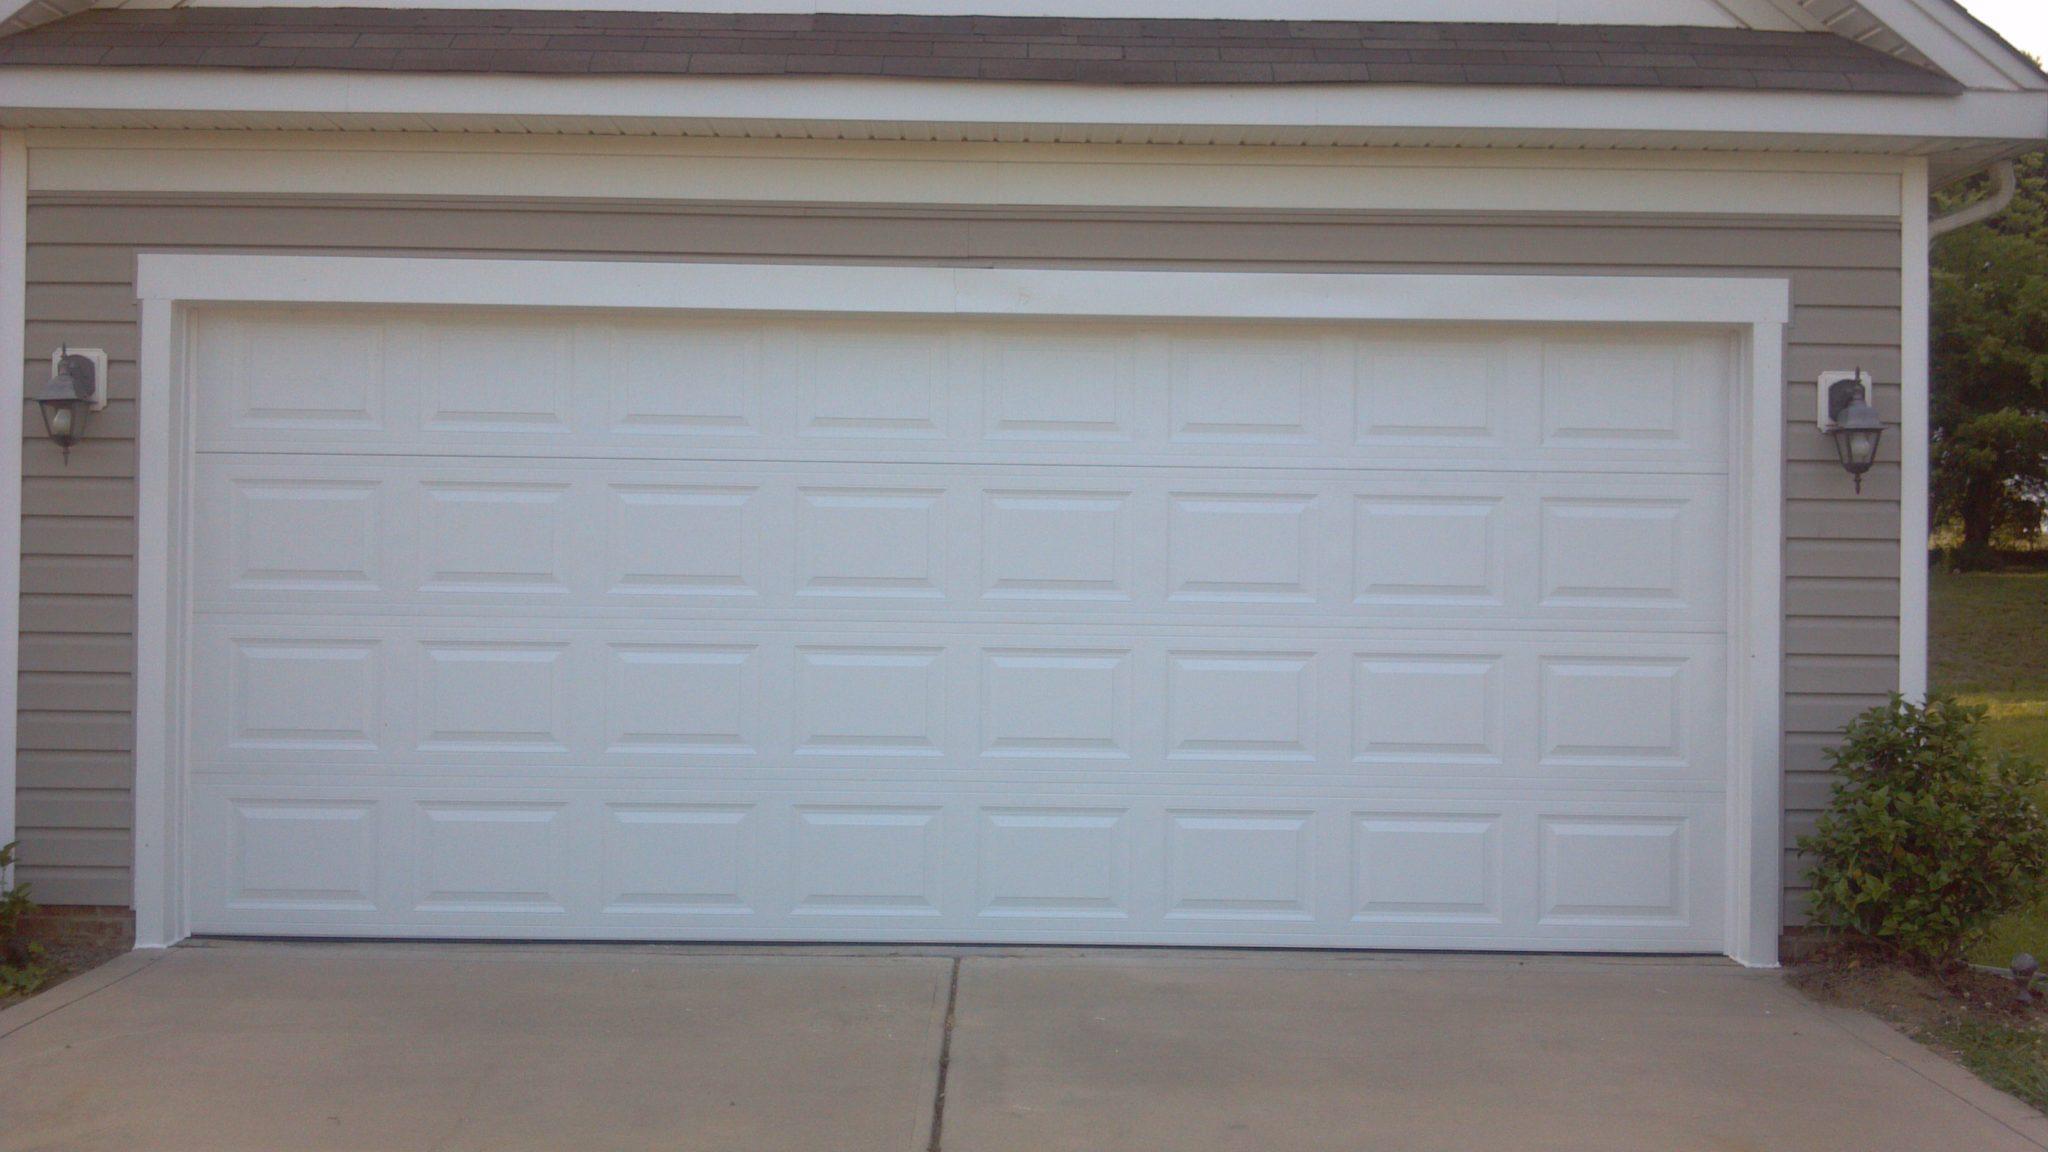 Two Single Garage Doors Made Into One Garage Door After